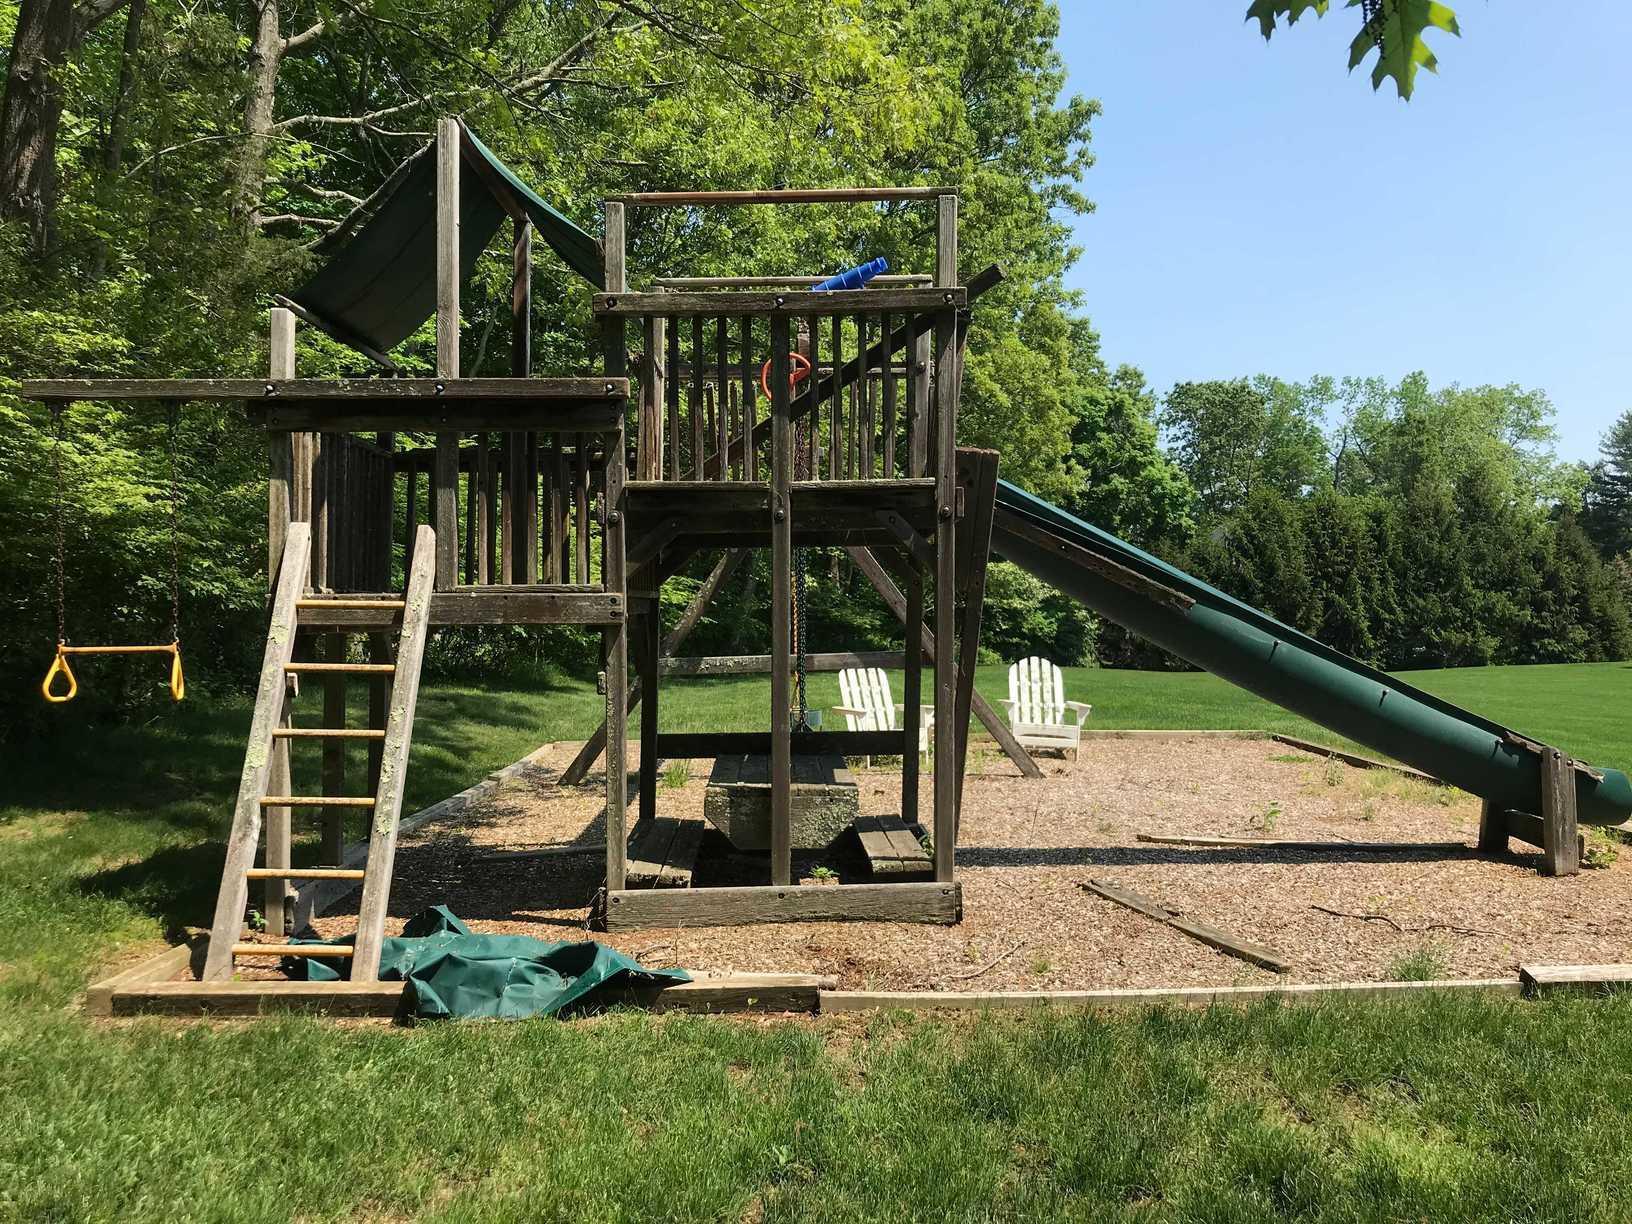 Playground Set Prior to Removal #2